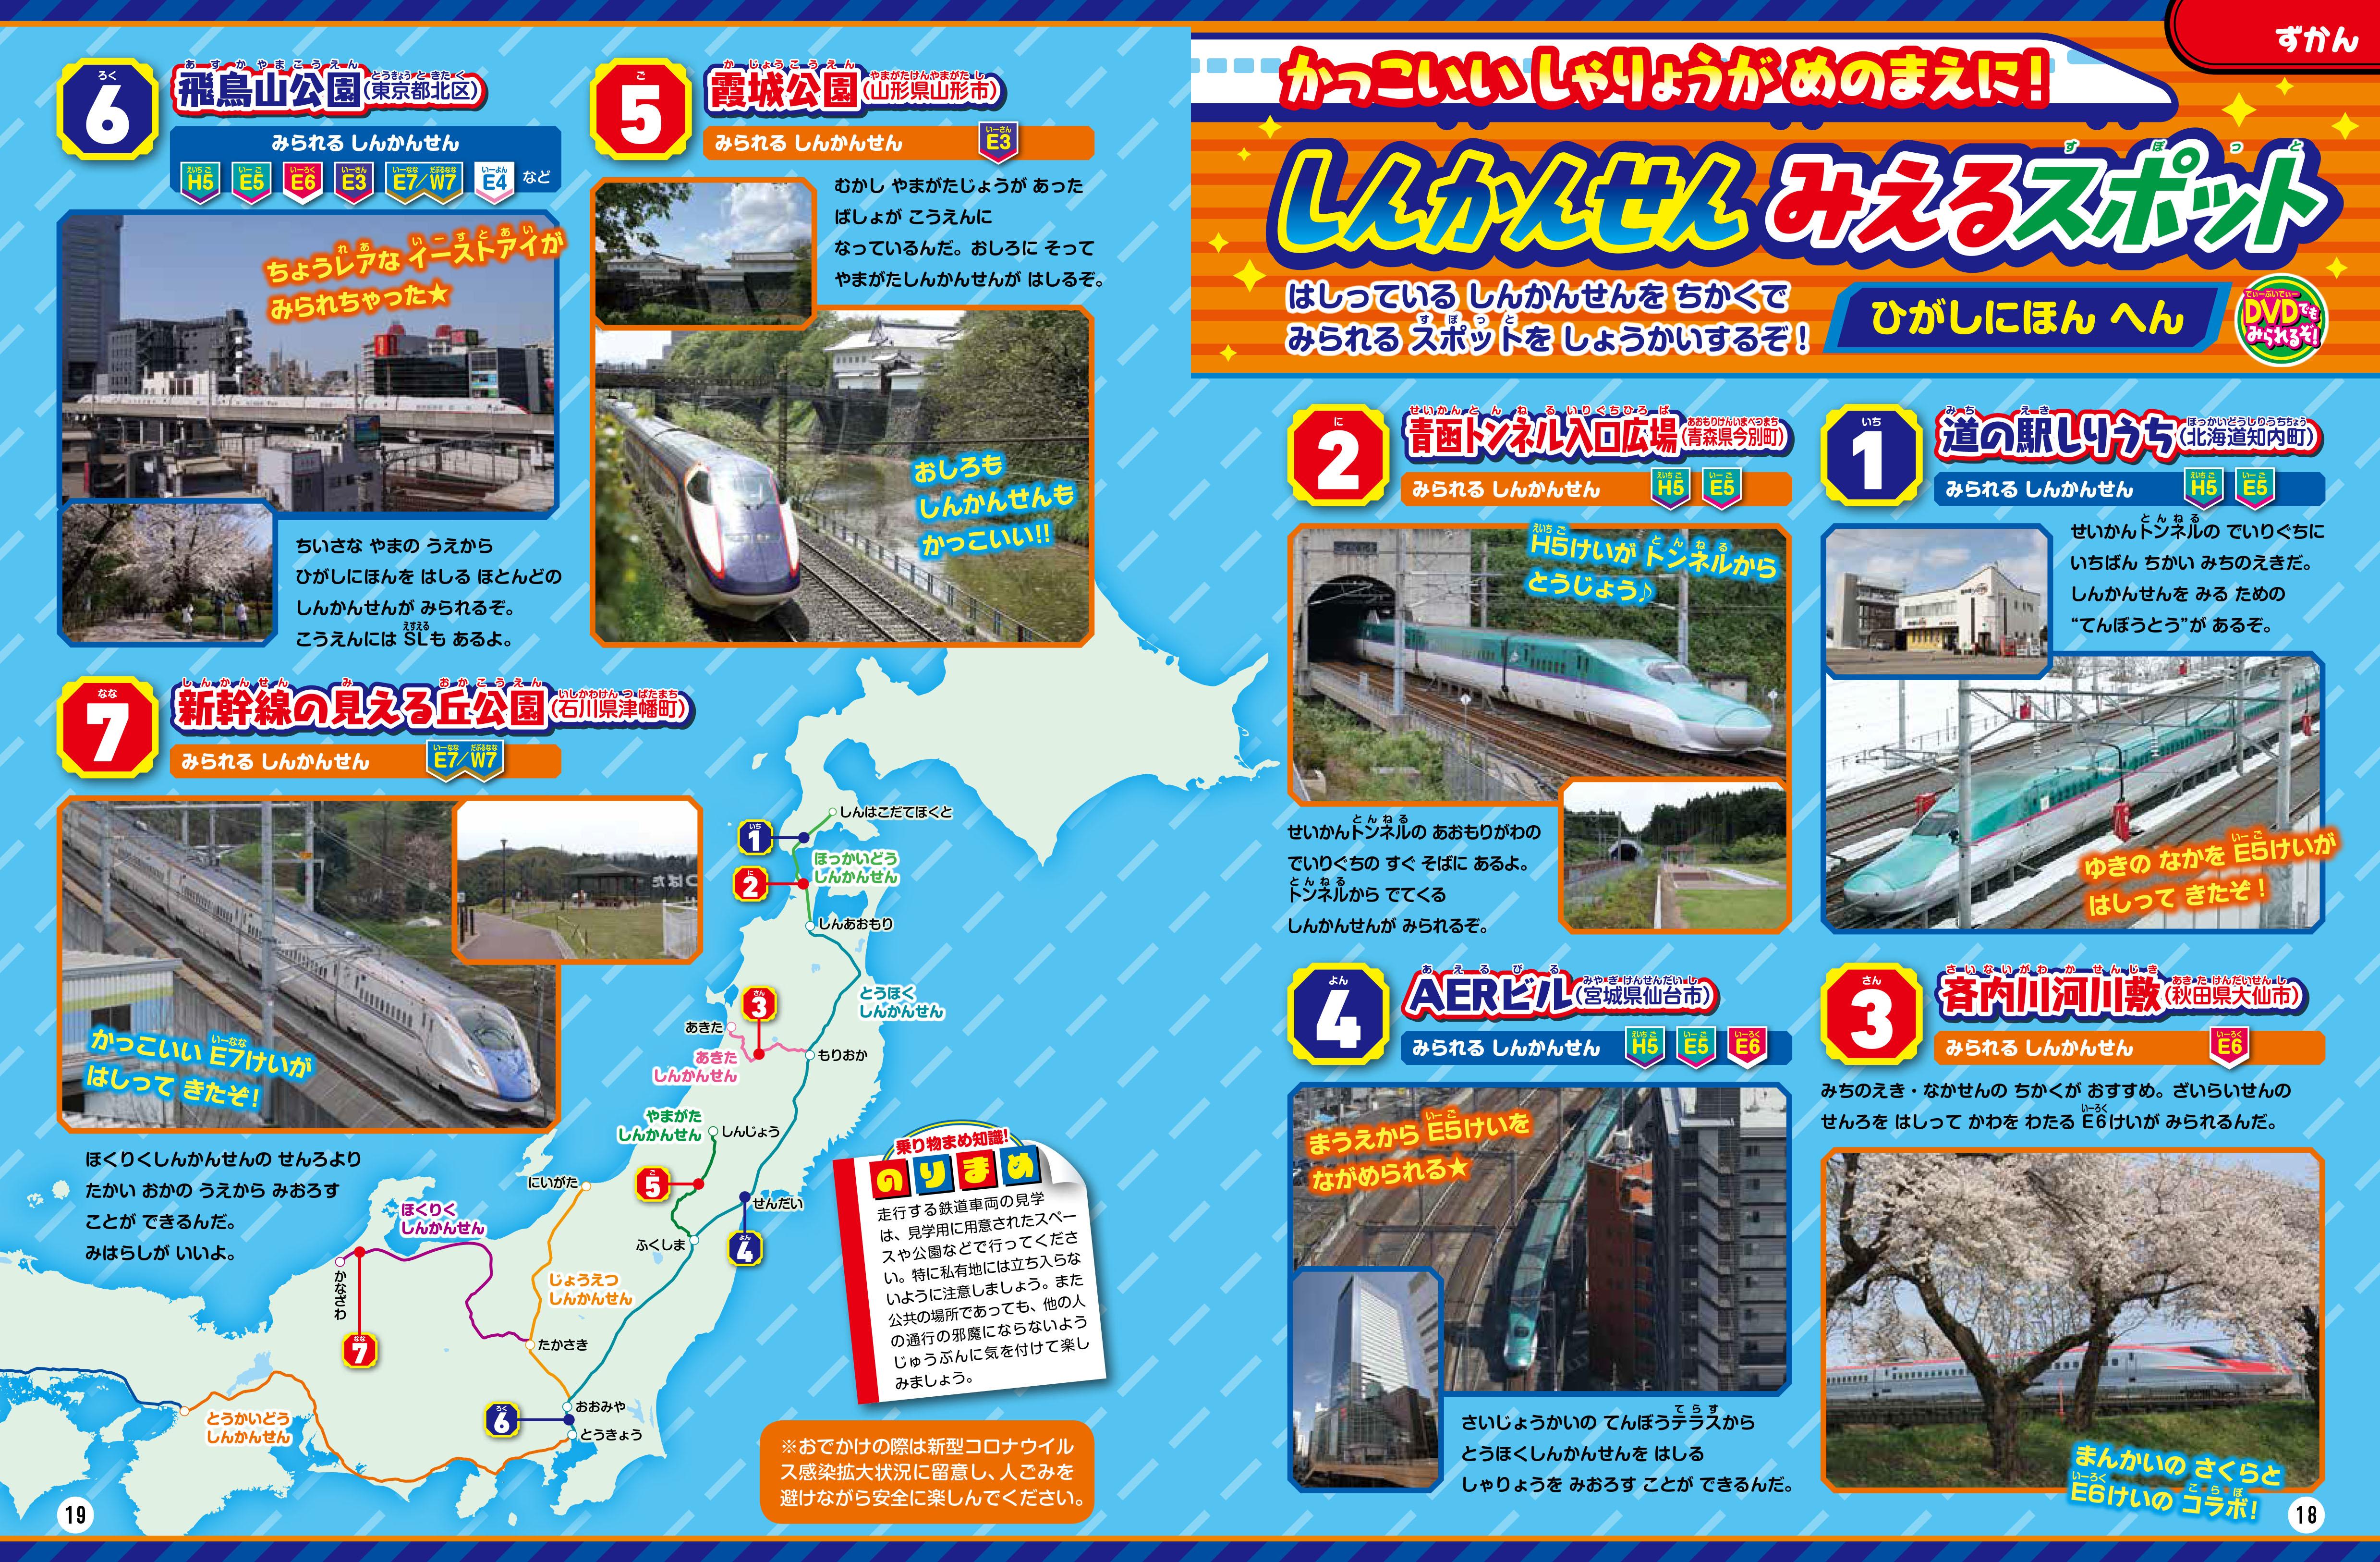 「新幹線が見える スポット」紙面